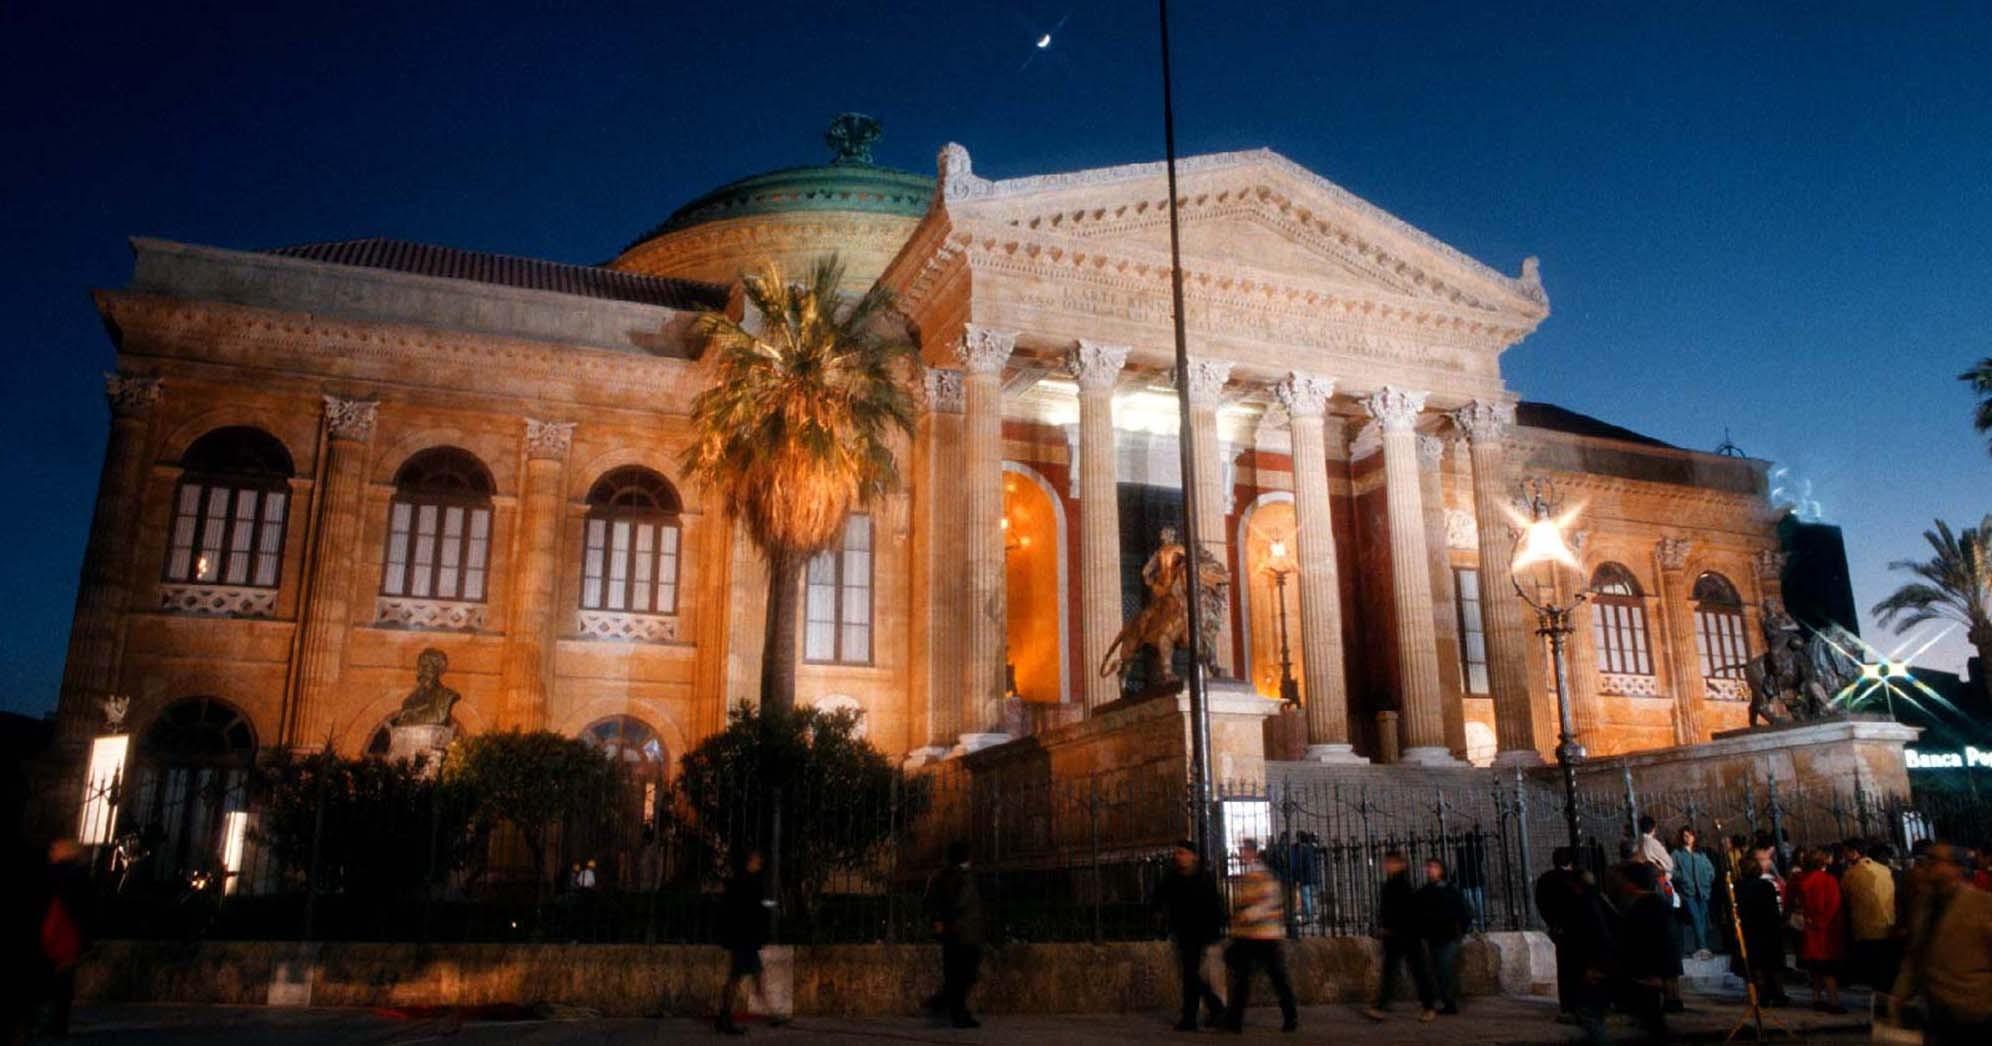 Teatro Massimo, si riparte La riapertura dopo tre mesi